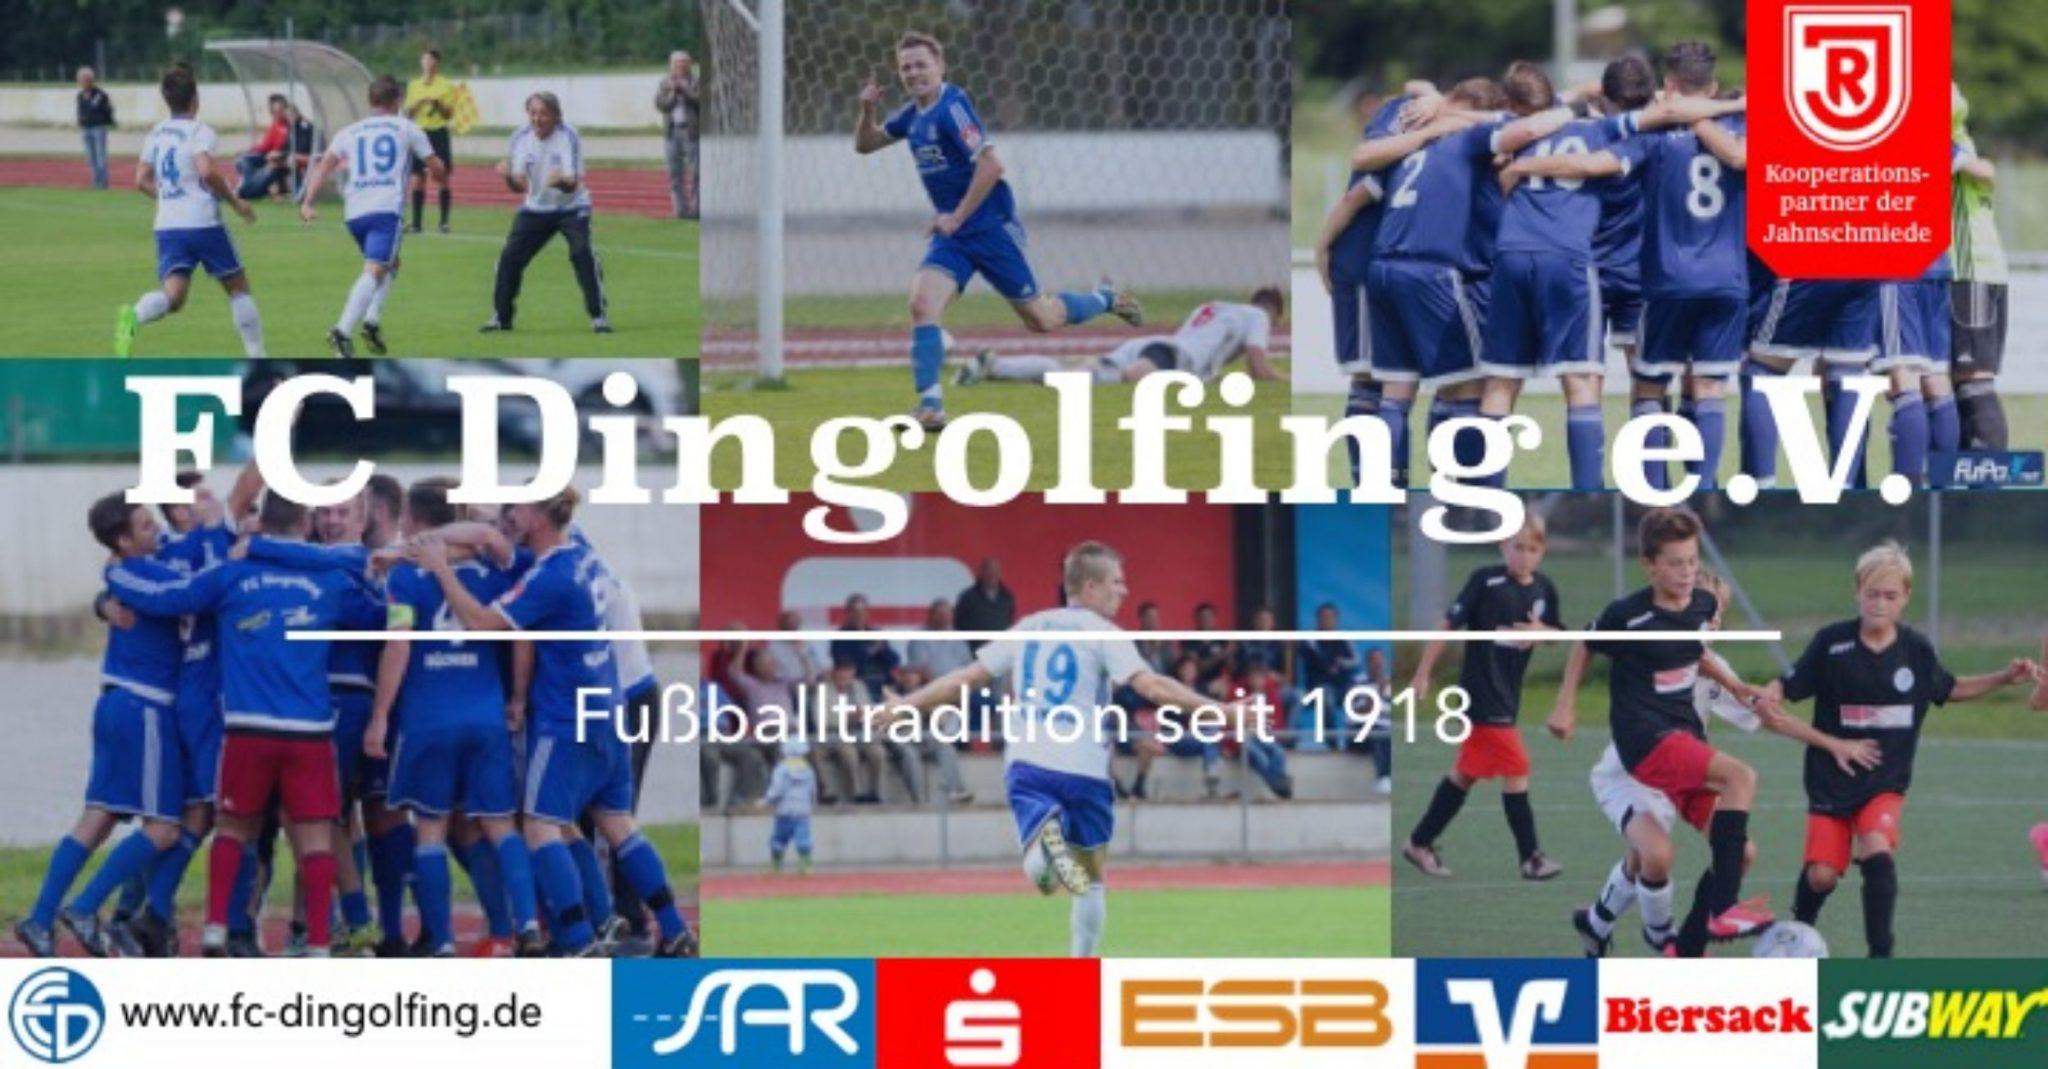 FC DINGOLFING